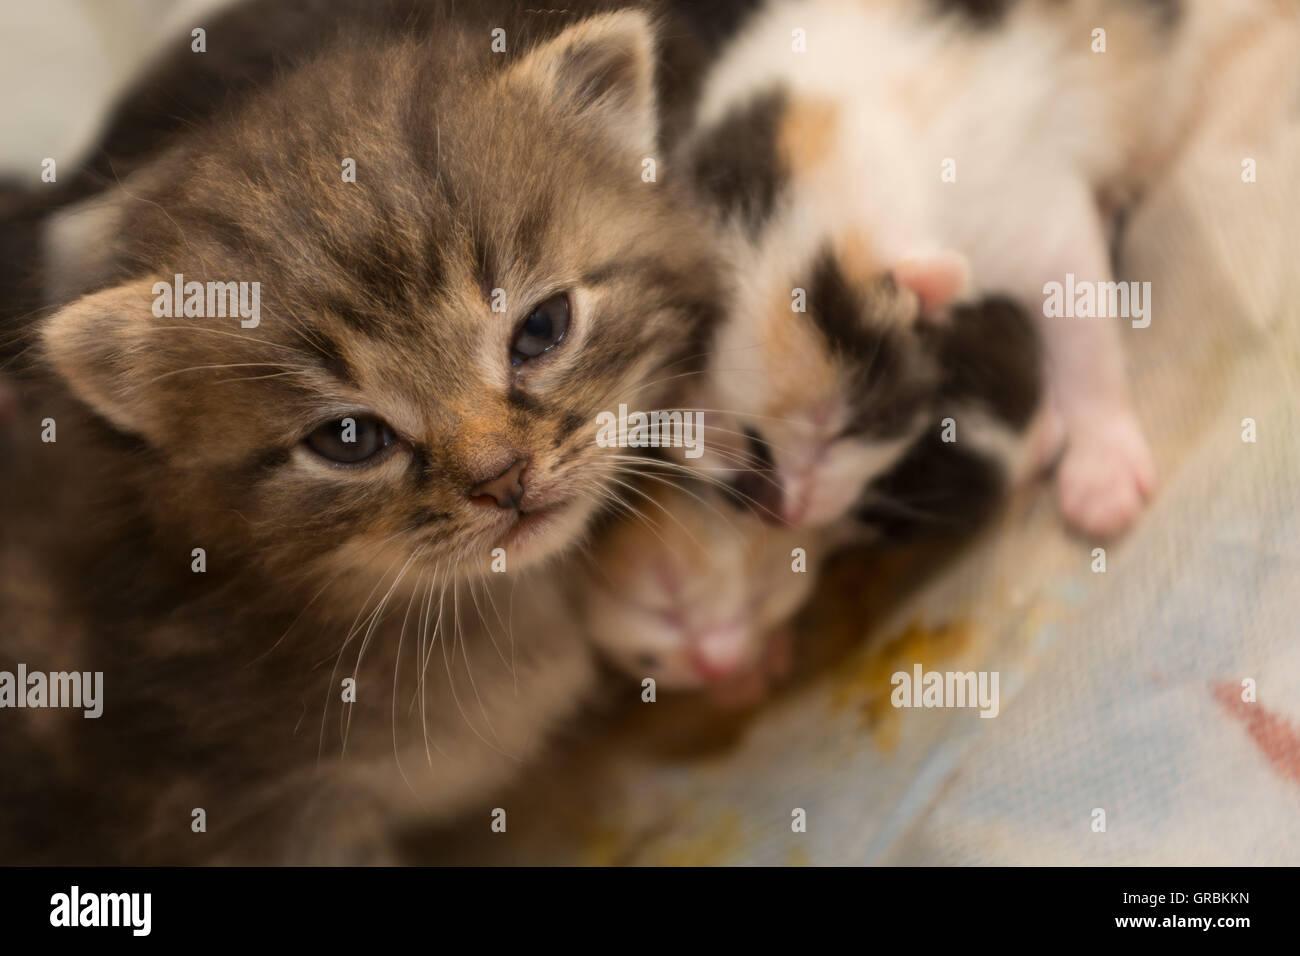 Several Kittens Seek Help - Stock Image